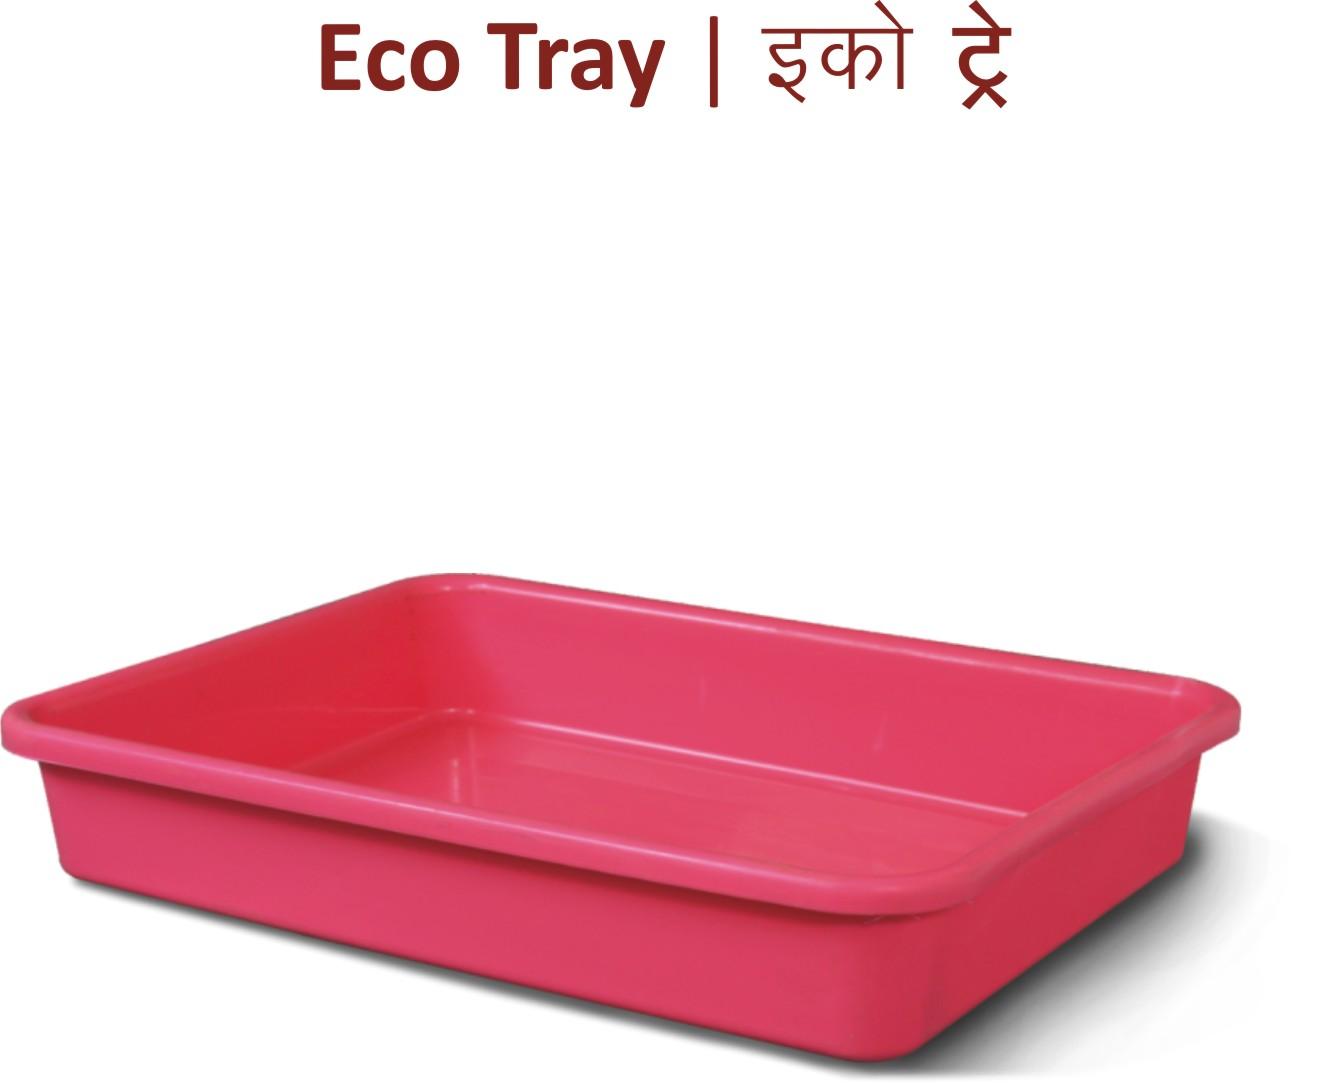 Eco Tray